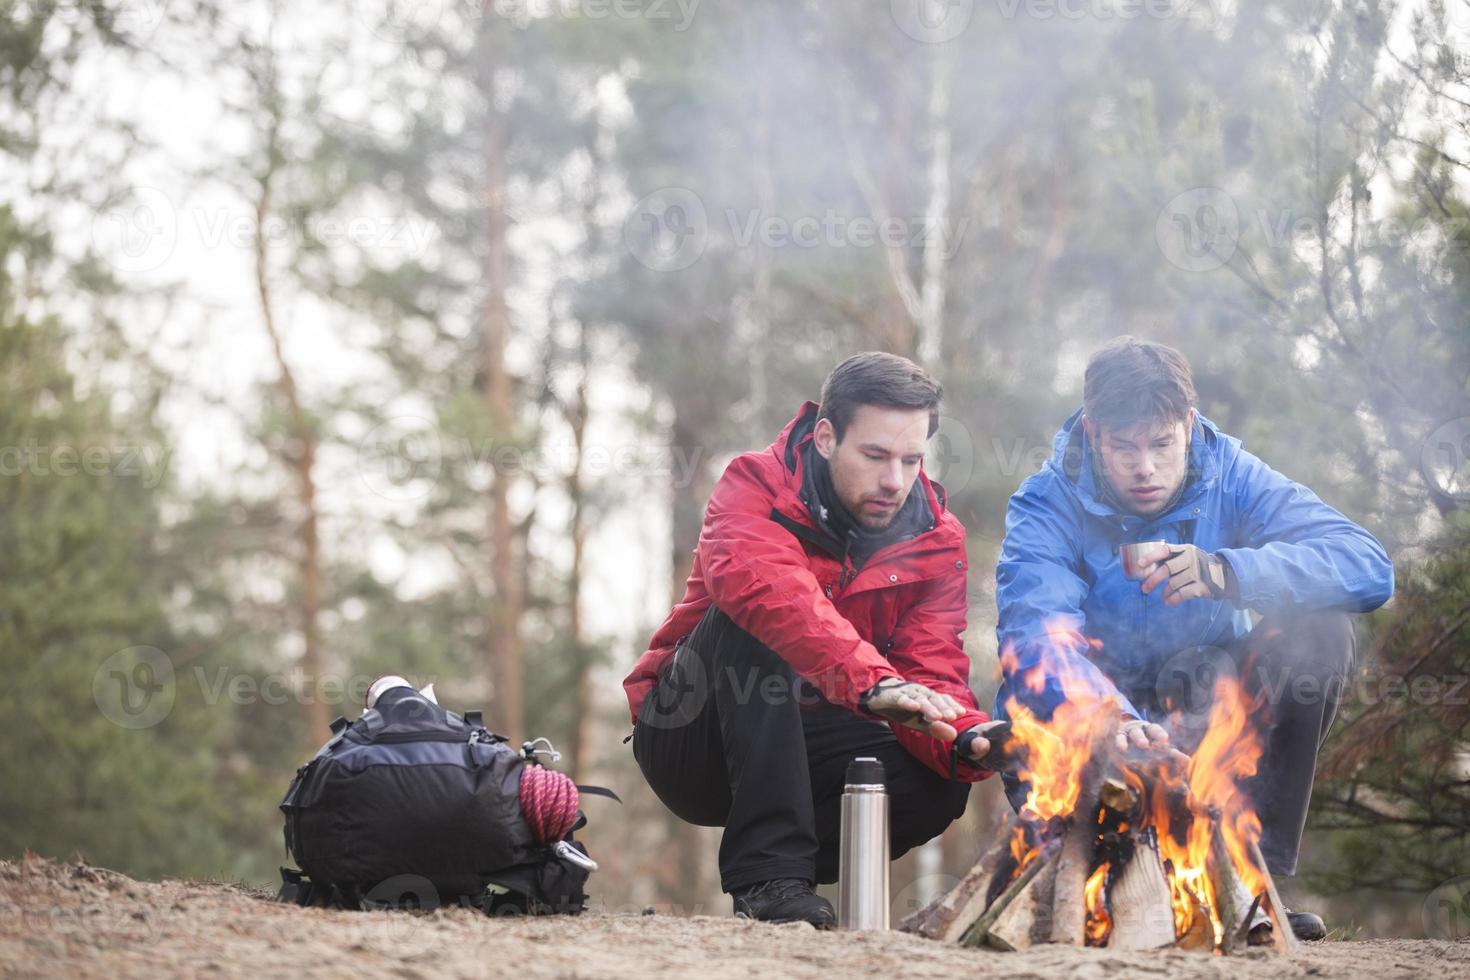 manliga vandrare som värmer händerna vid lägereld i skogen foto